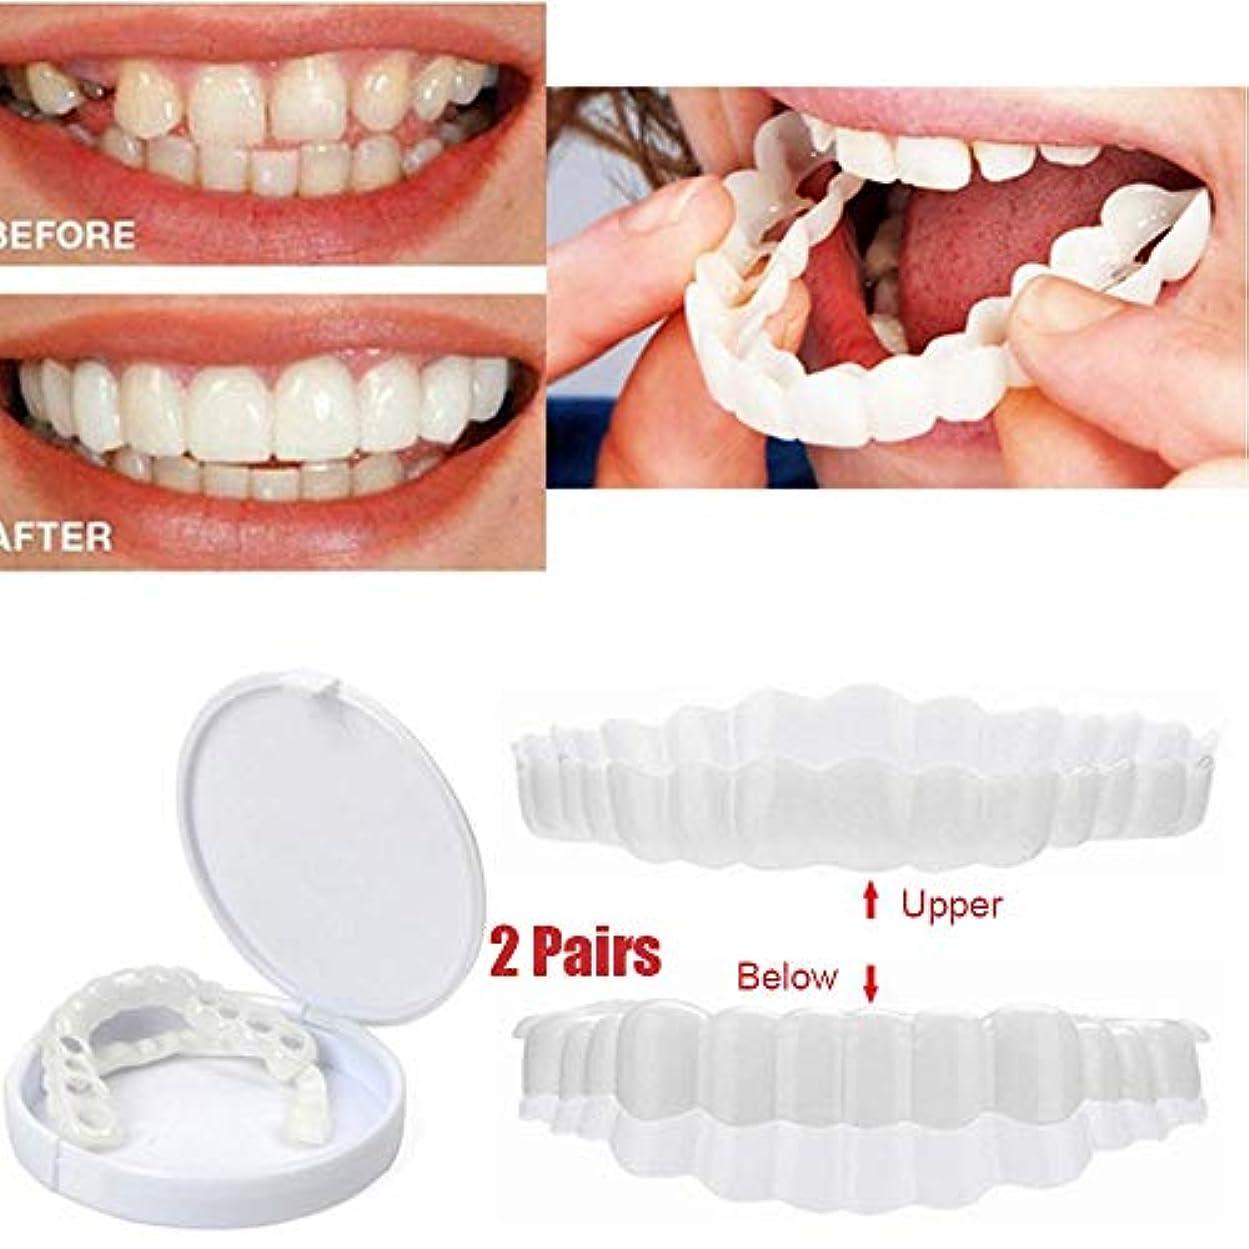 白くなるベニヤ歯美容メイクアップ歯快適で柔軟な歯のケアケア自信を持って笑顔黄色い歯悪い歯ホワイトニングオーラルケア(2ペア)